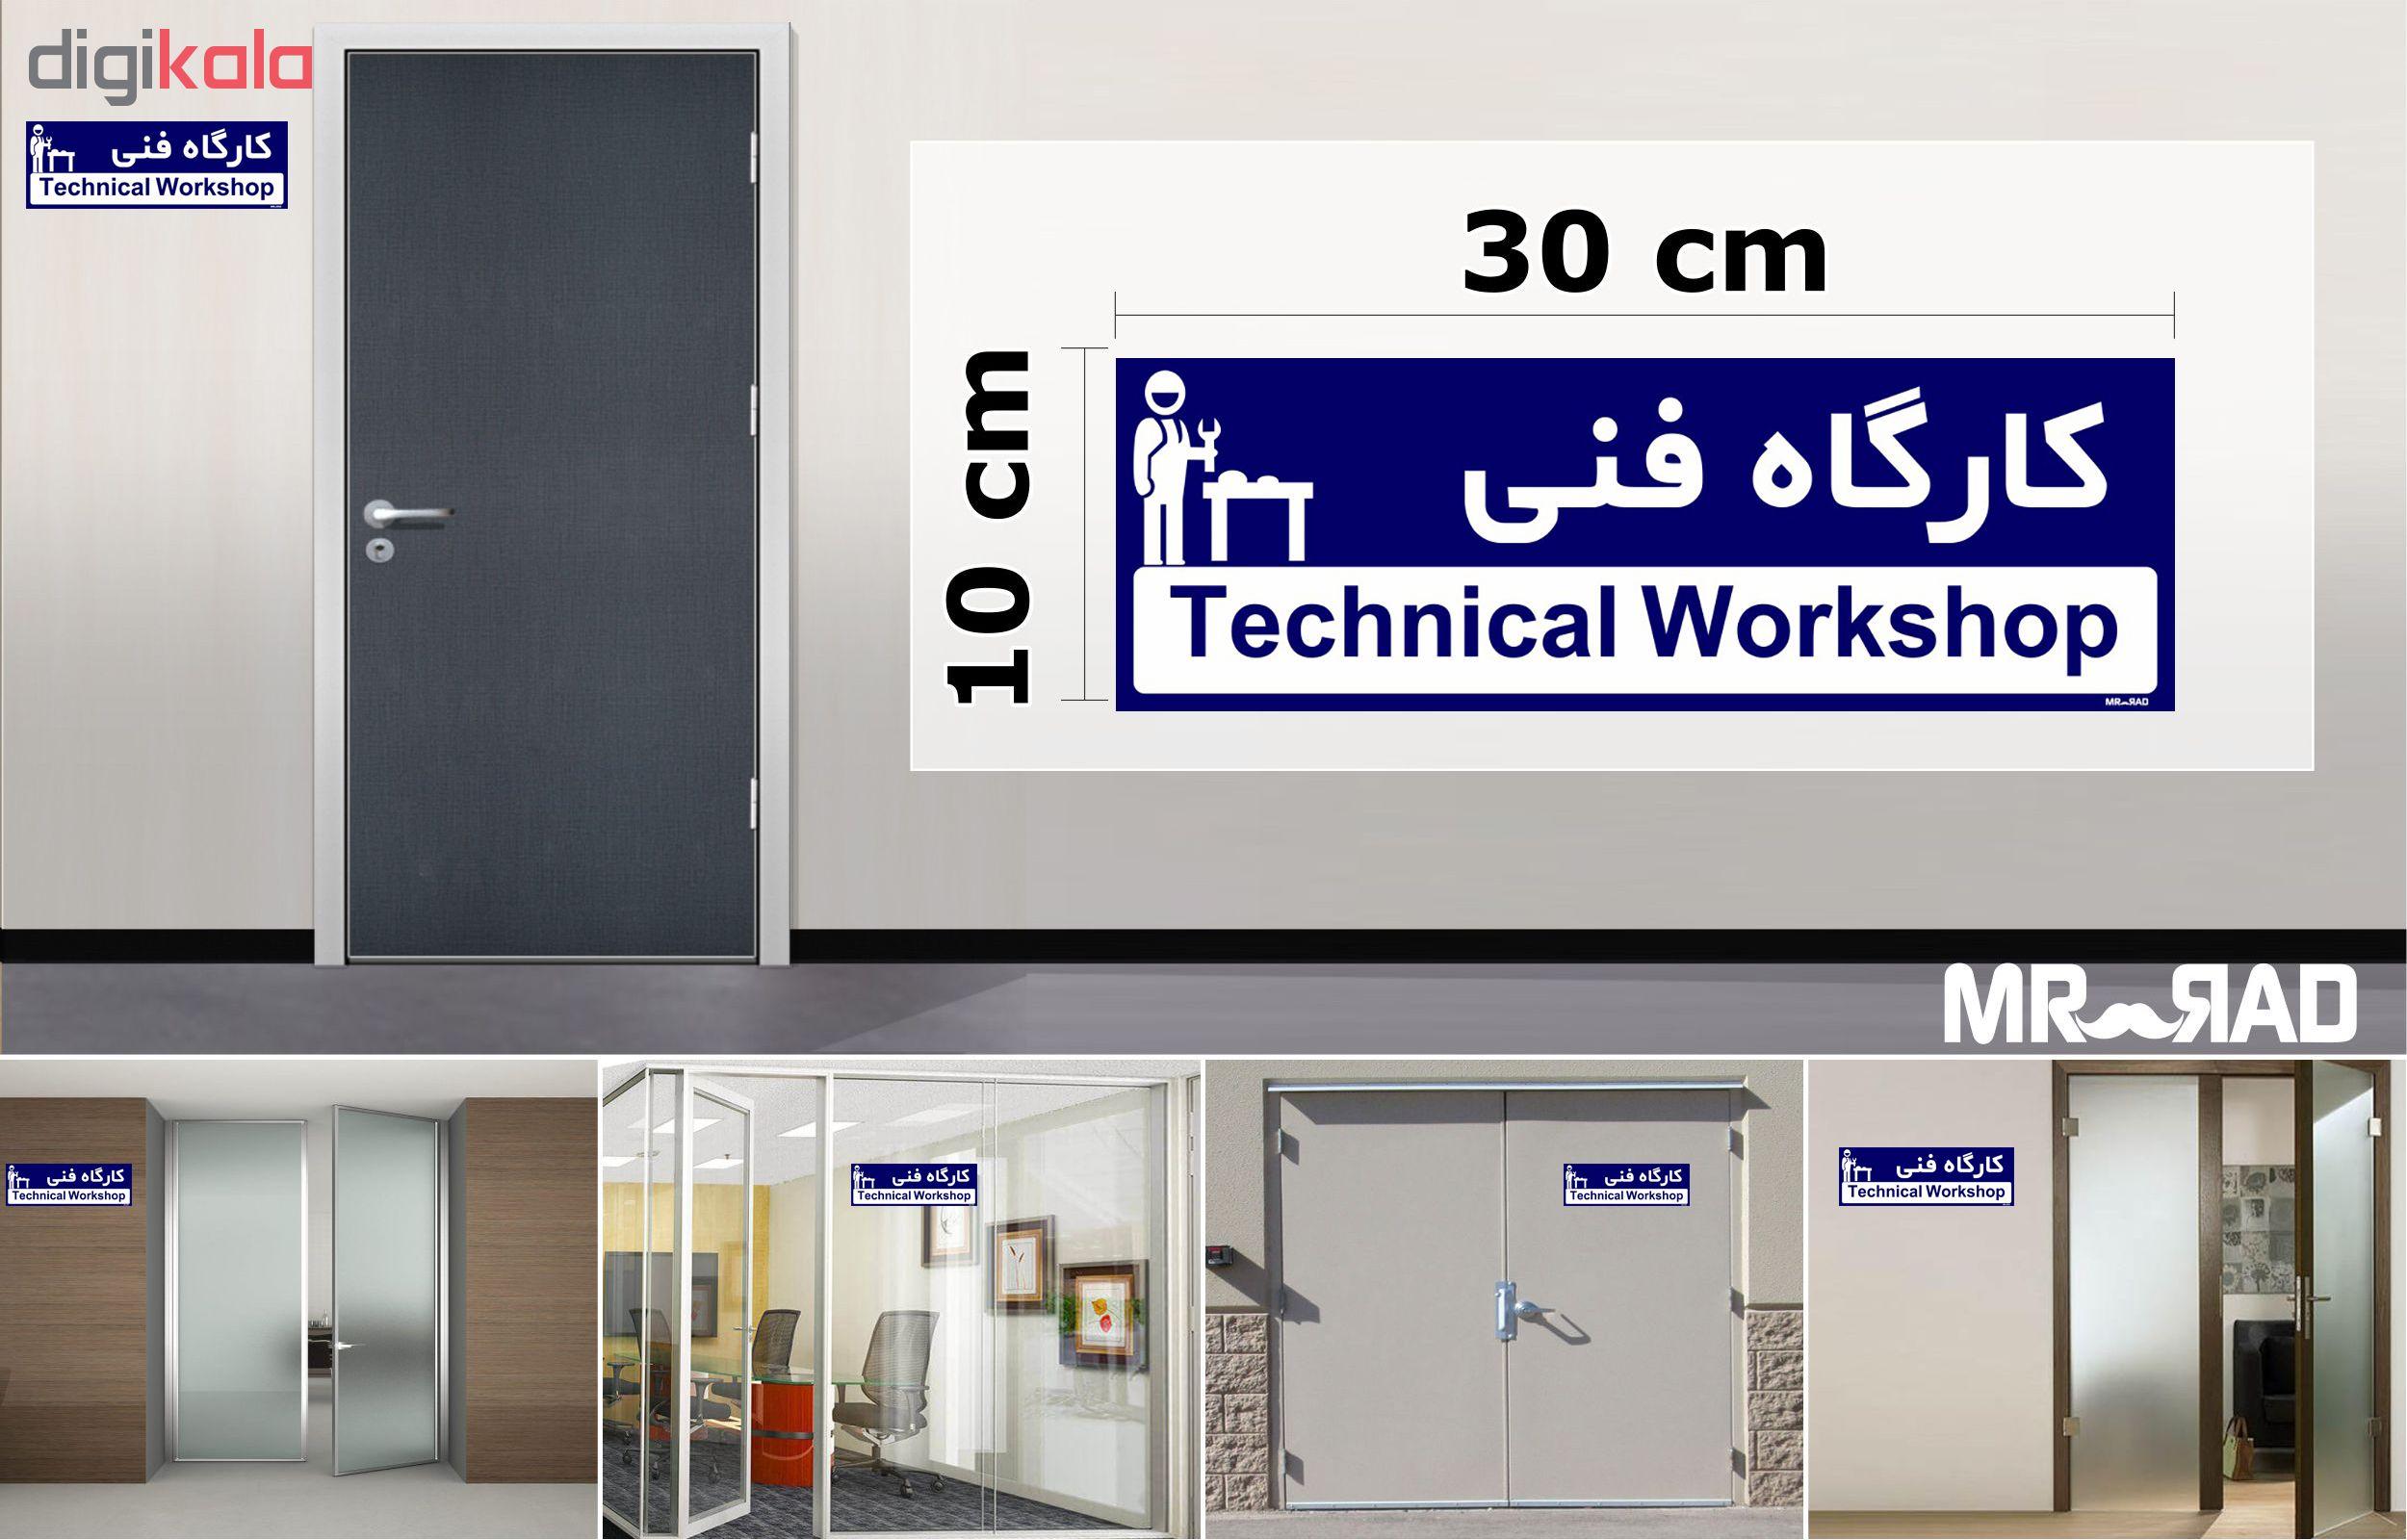 تابلو راهنمای اتاق FG طرح کارگاه فنی کدTHO0302